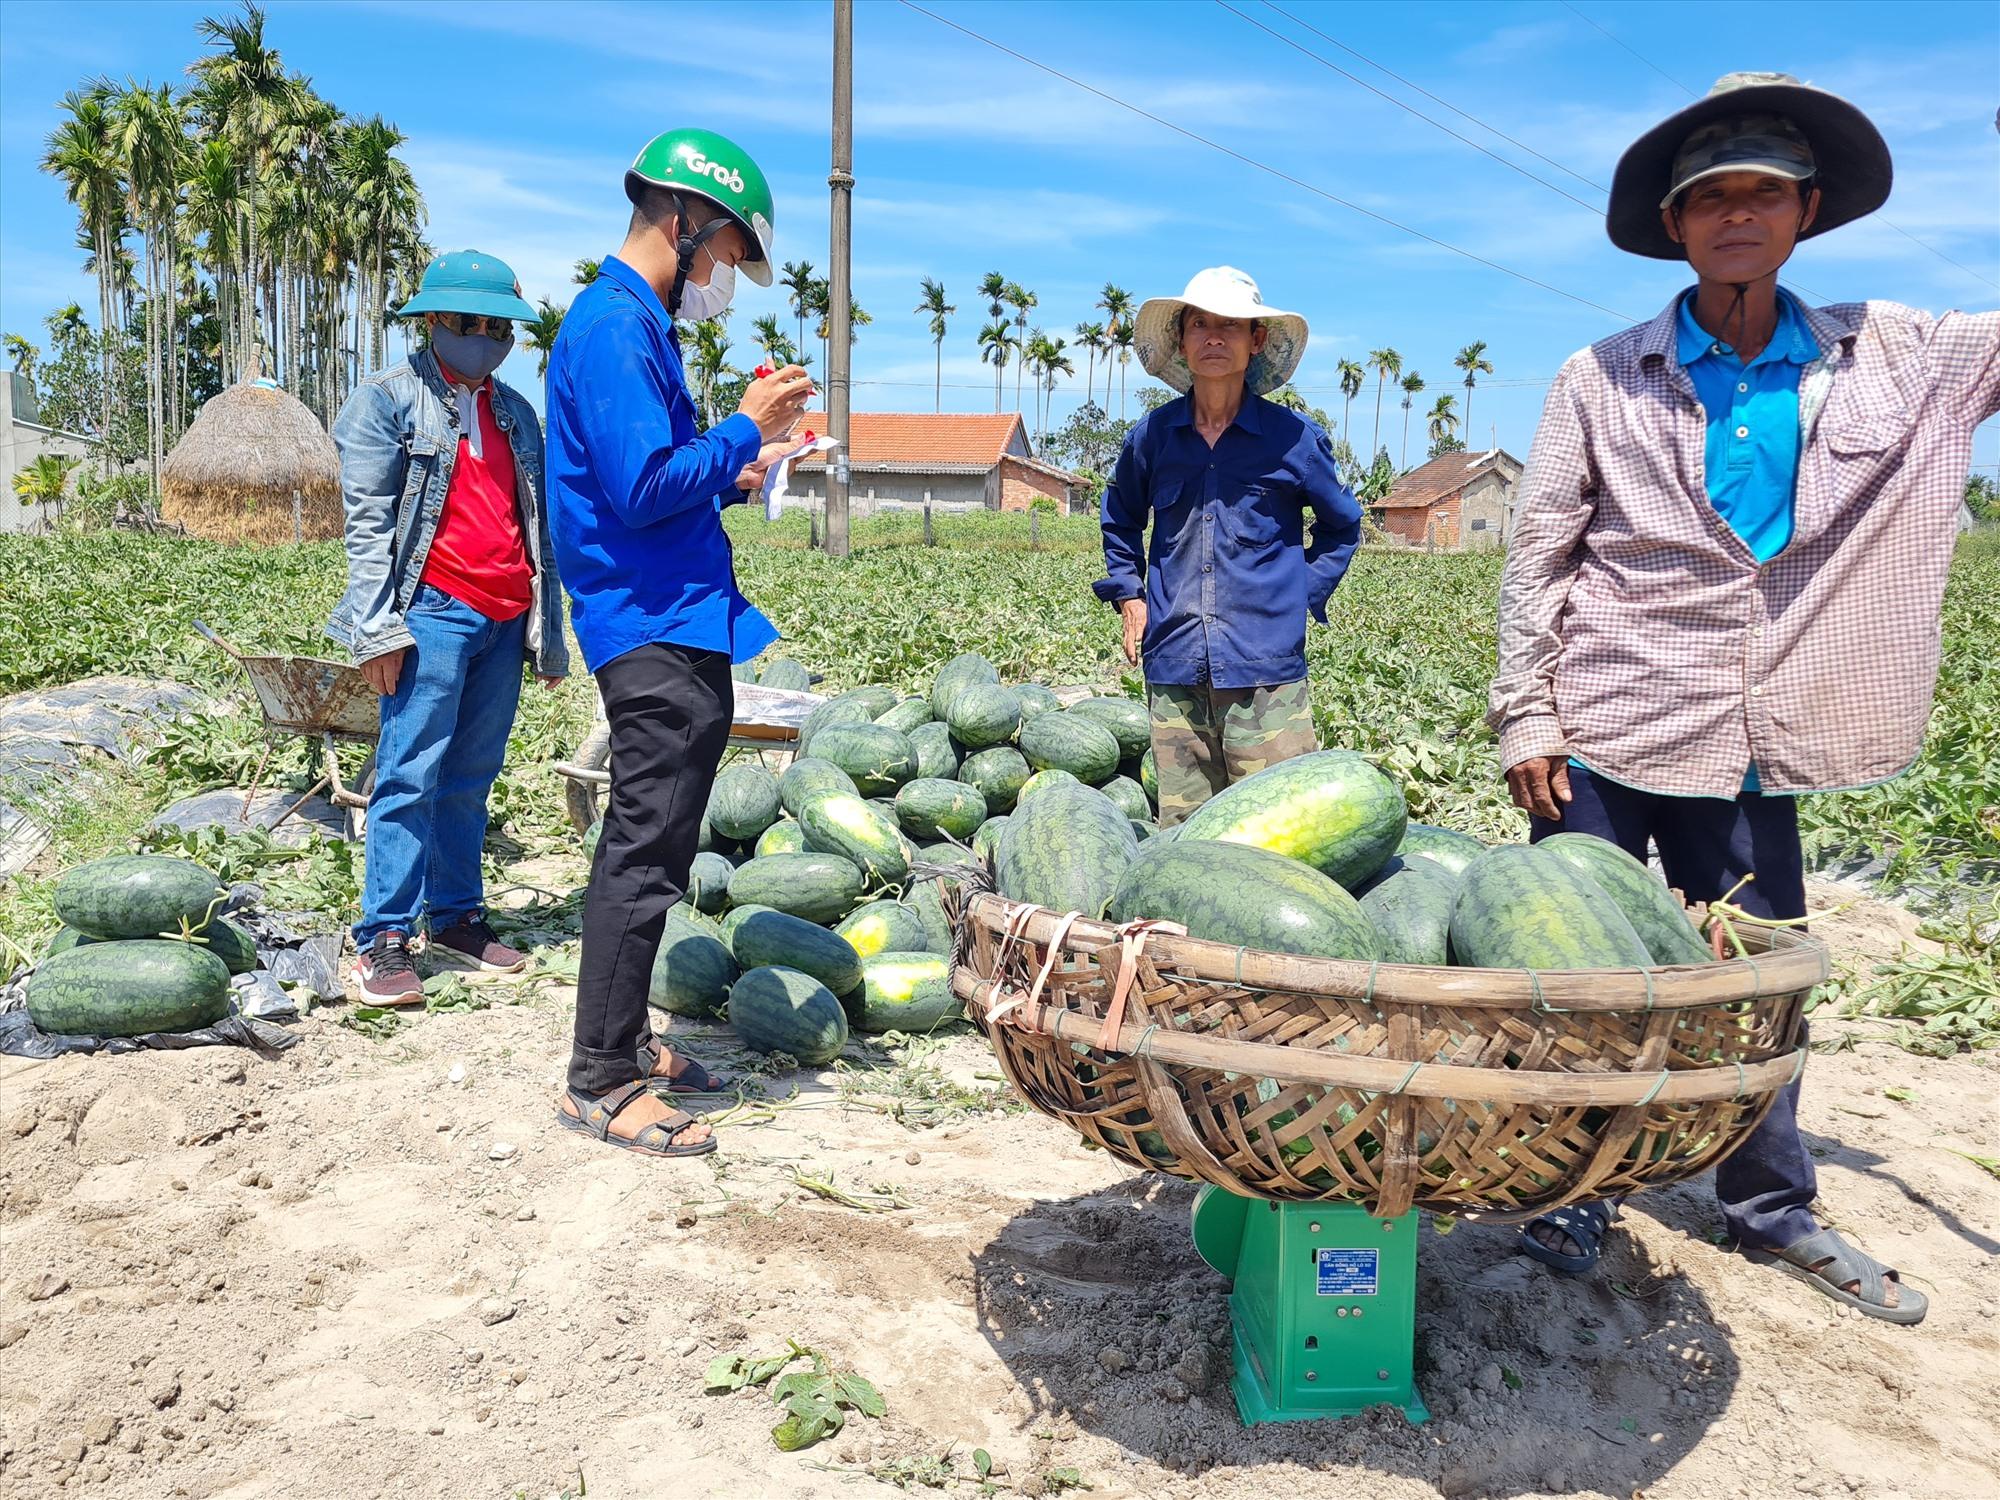 Tuổi trẻ hỗ trợ bà con các công đoạn thu hoạch và tiêu thụ dưa. Ảnh: HOÀNG LIÊN